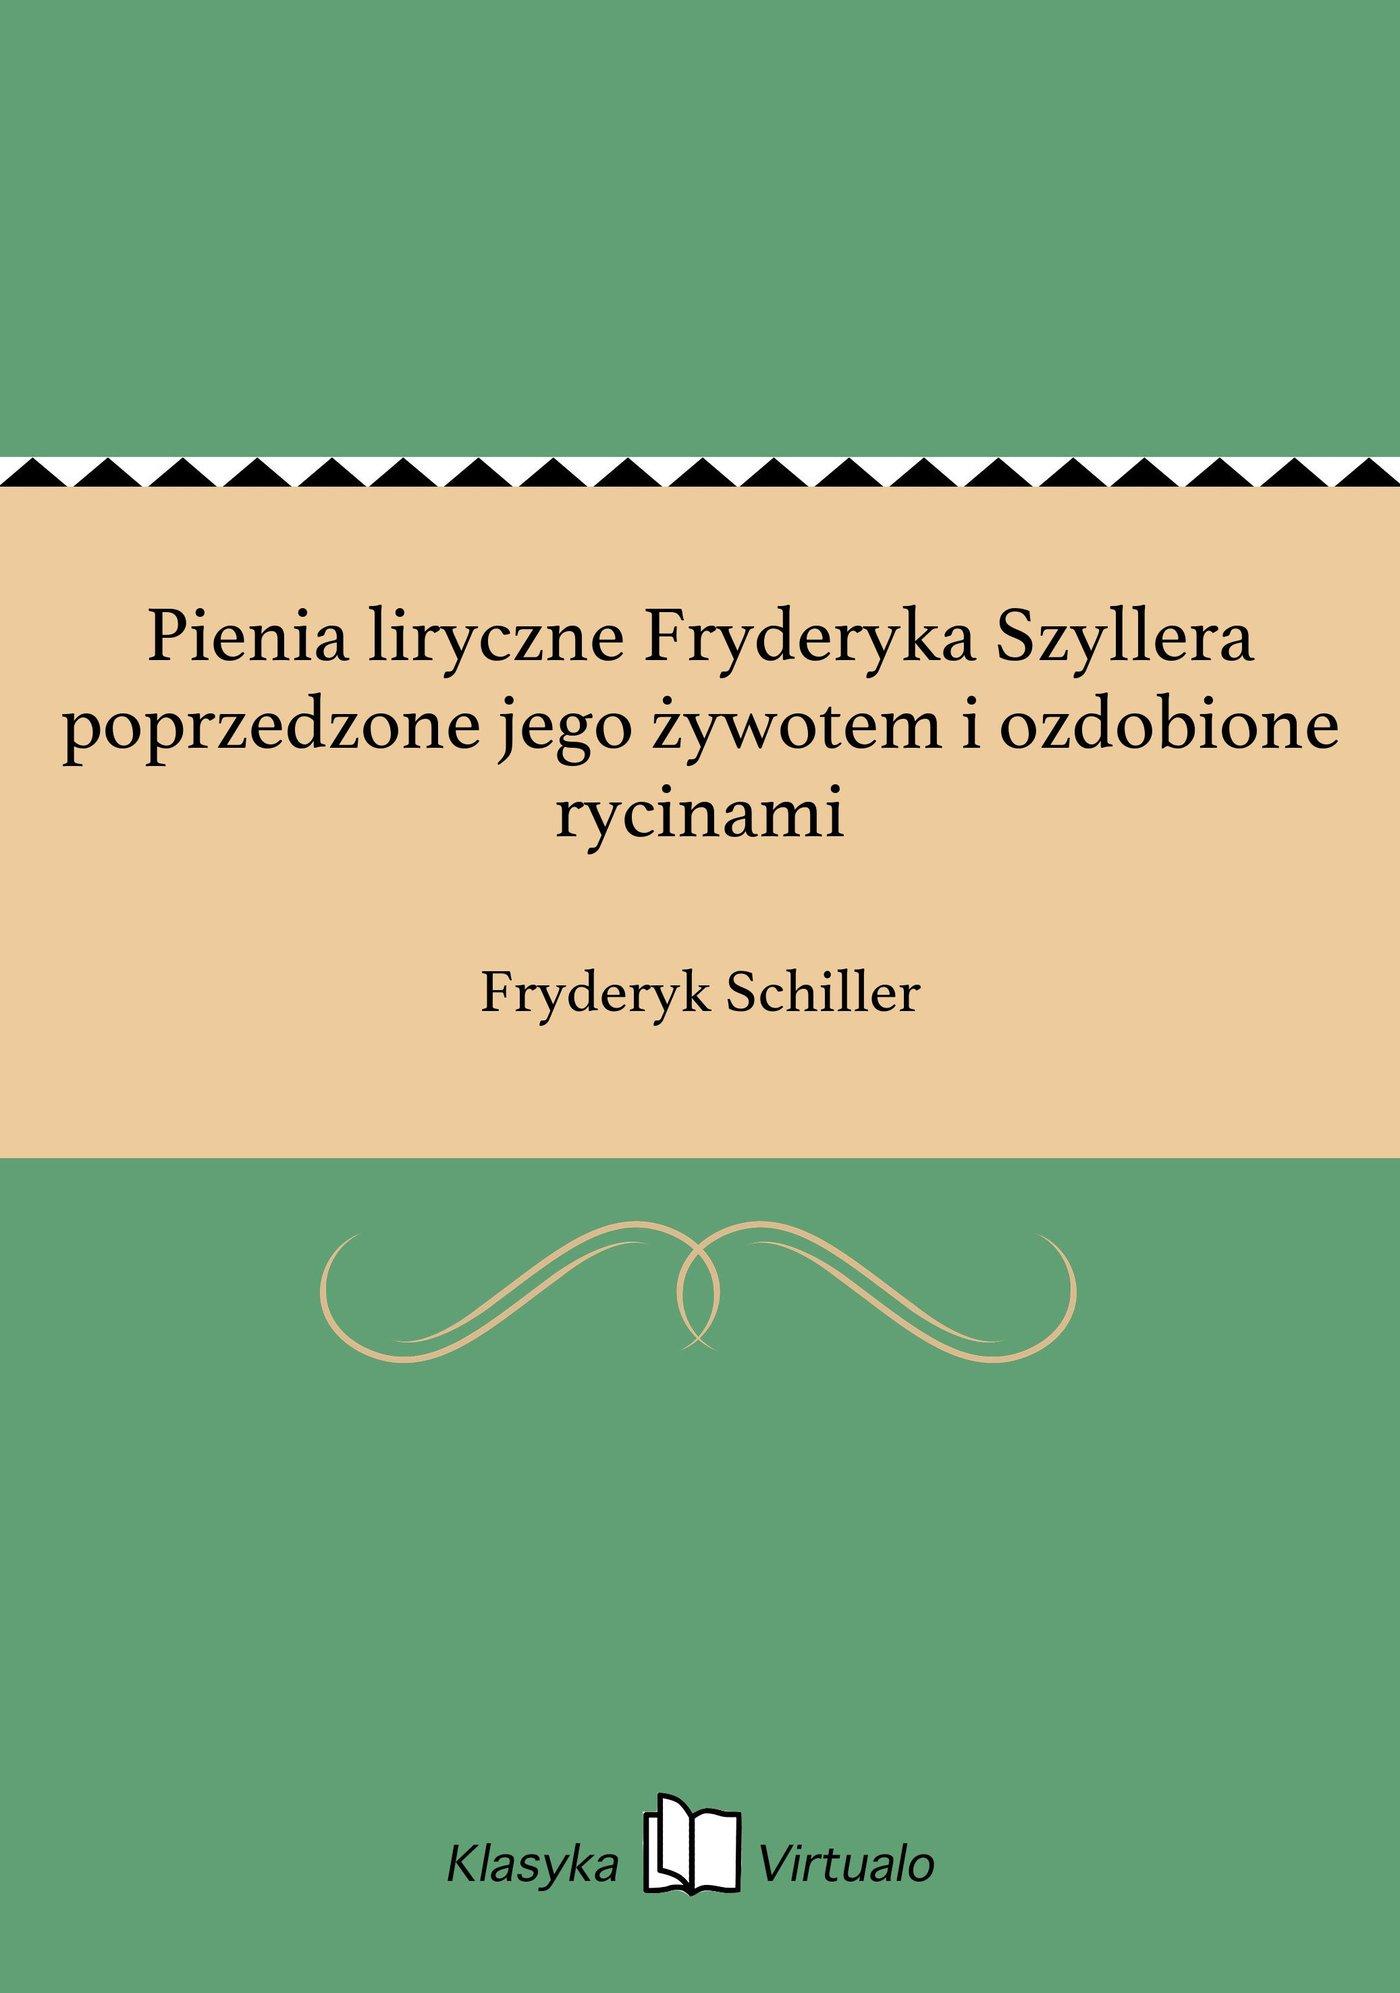 Pienia liryczne Fryderyka Szyllera poprzedzone jego żywotem i ozdobione rycinami - Ebook (Książka EPUB) do pobrania w formacie EPUB